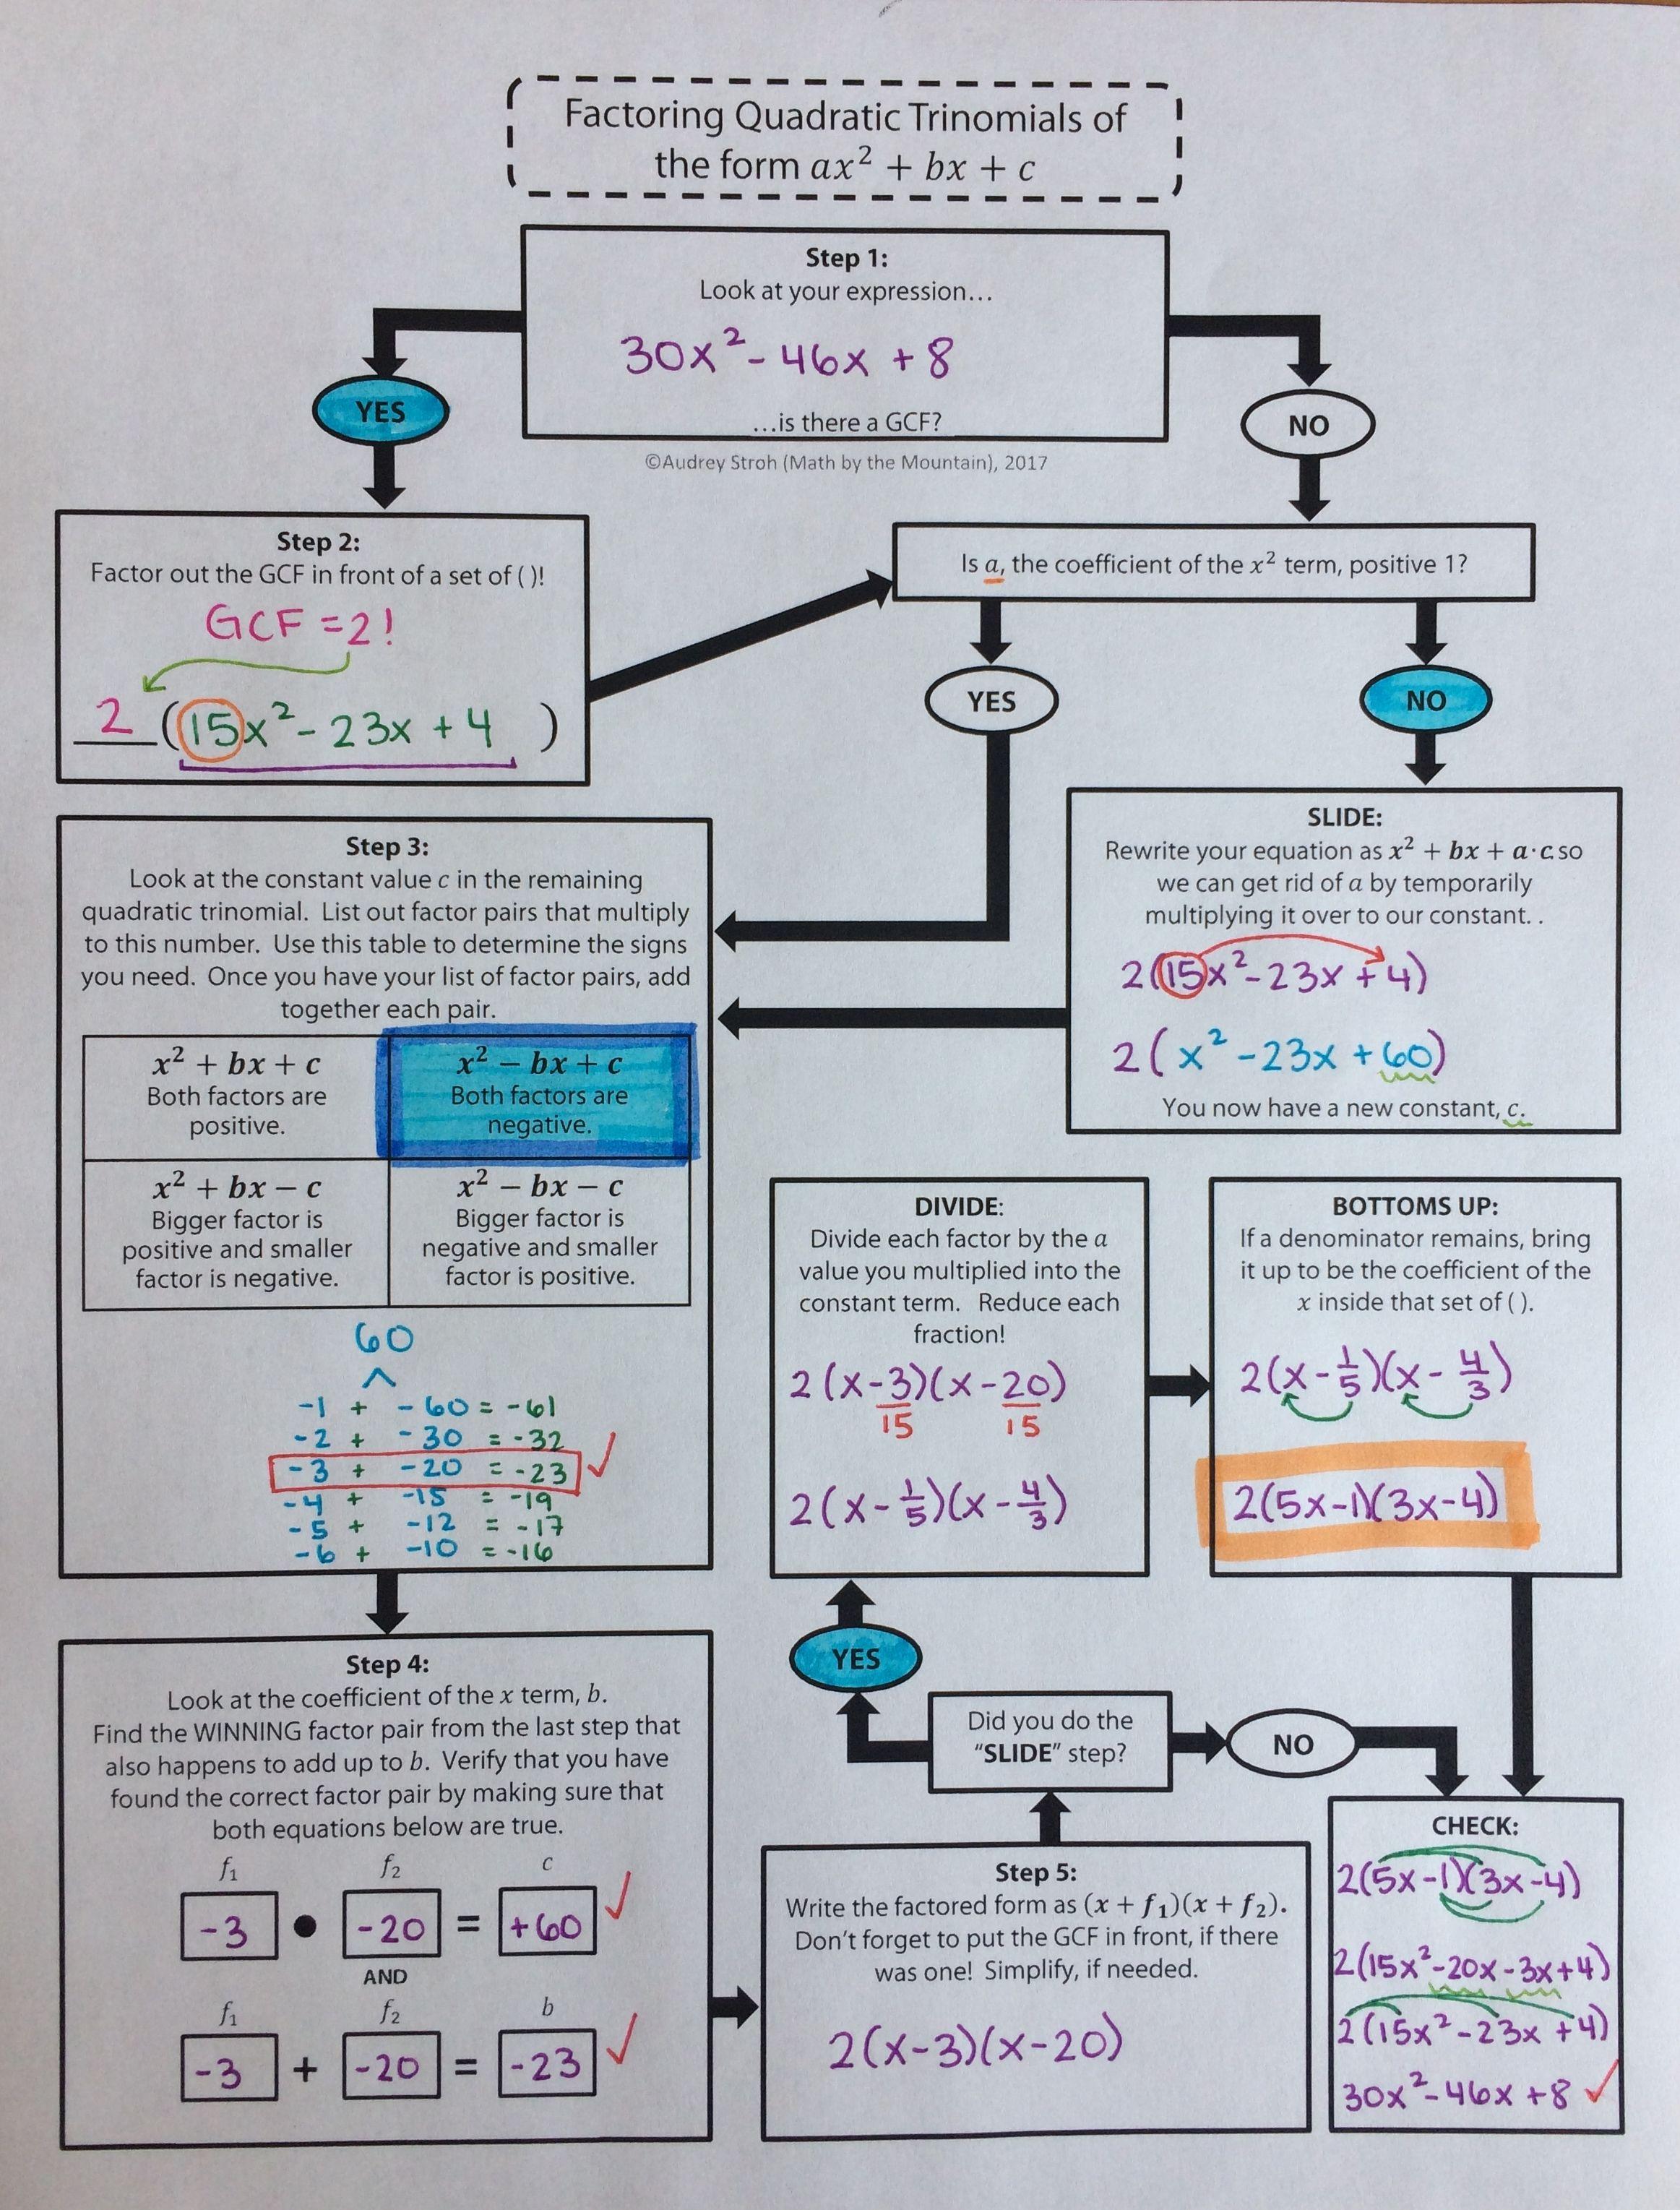 Factoring Quadratic Trinomials Flowchart Graphic Organizer